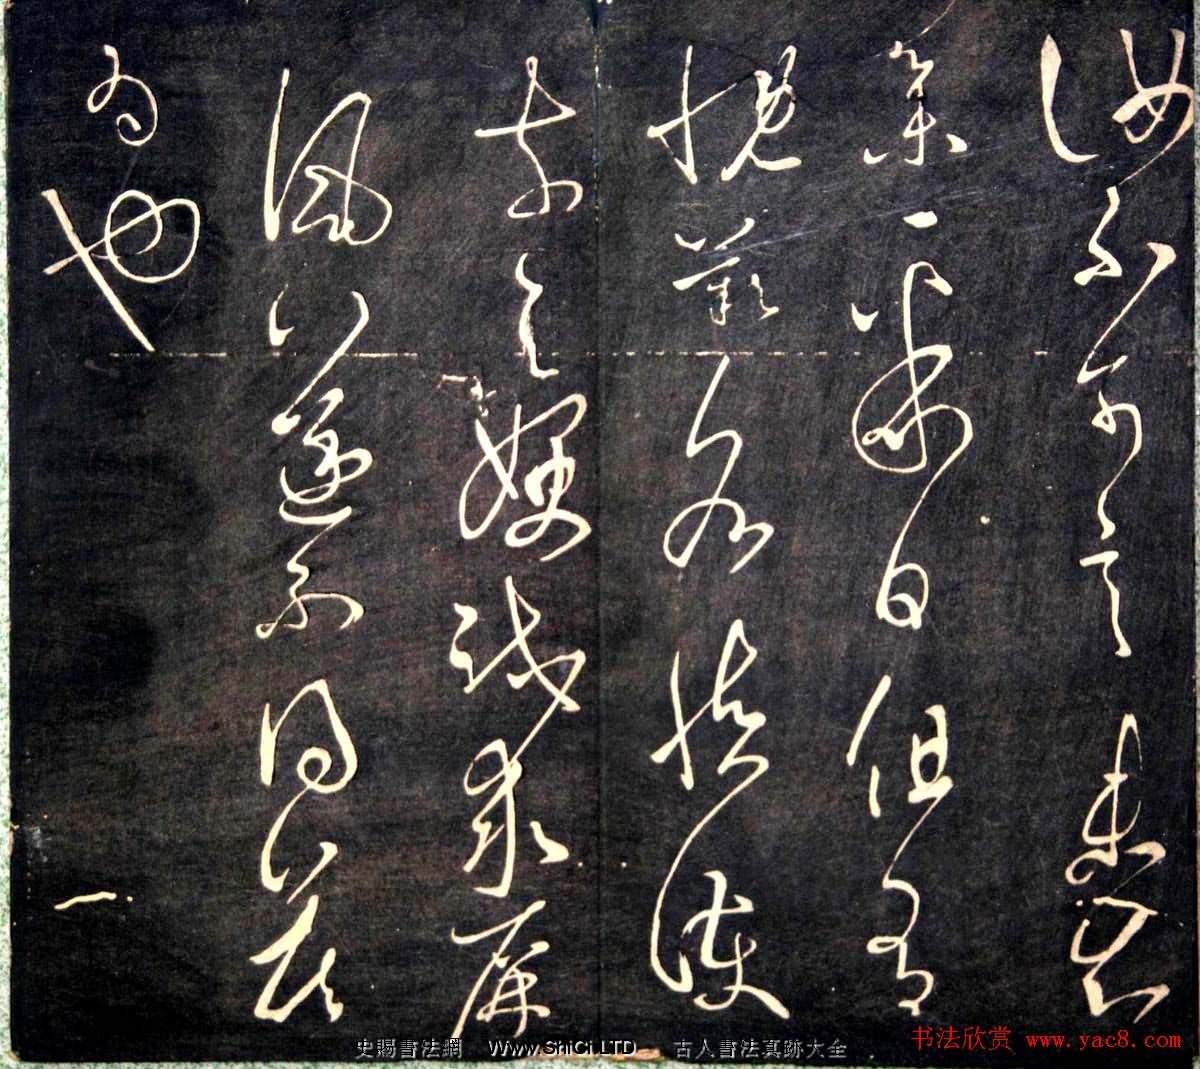 王羲之書体は『明刻右軍十六書』を鑑賞しました。(全部で13枚の写真)